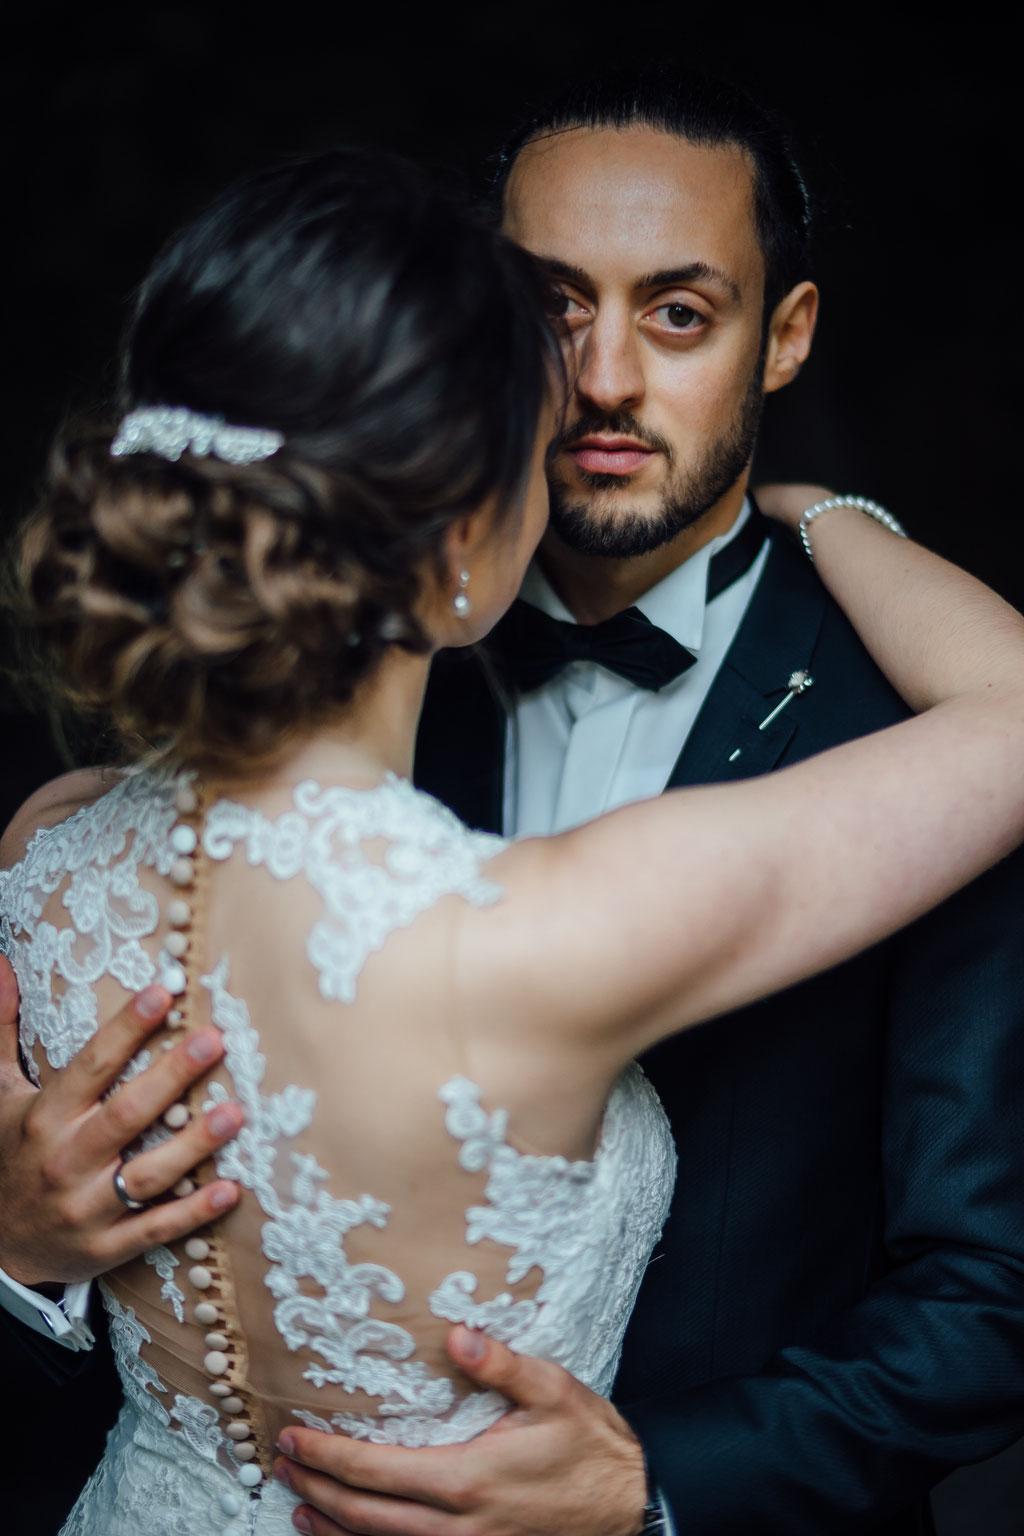 Hochzeitsfotografie Gießen Timo Barwitzki Paar elegant Anzug Hochzeitskleid Fliege